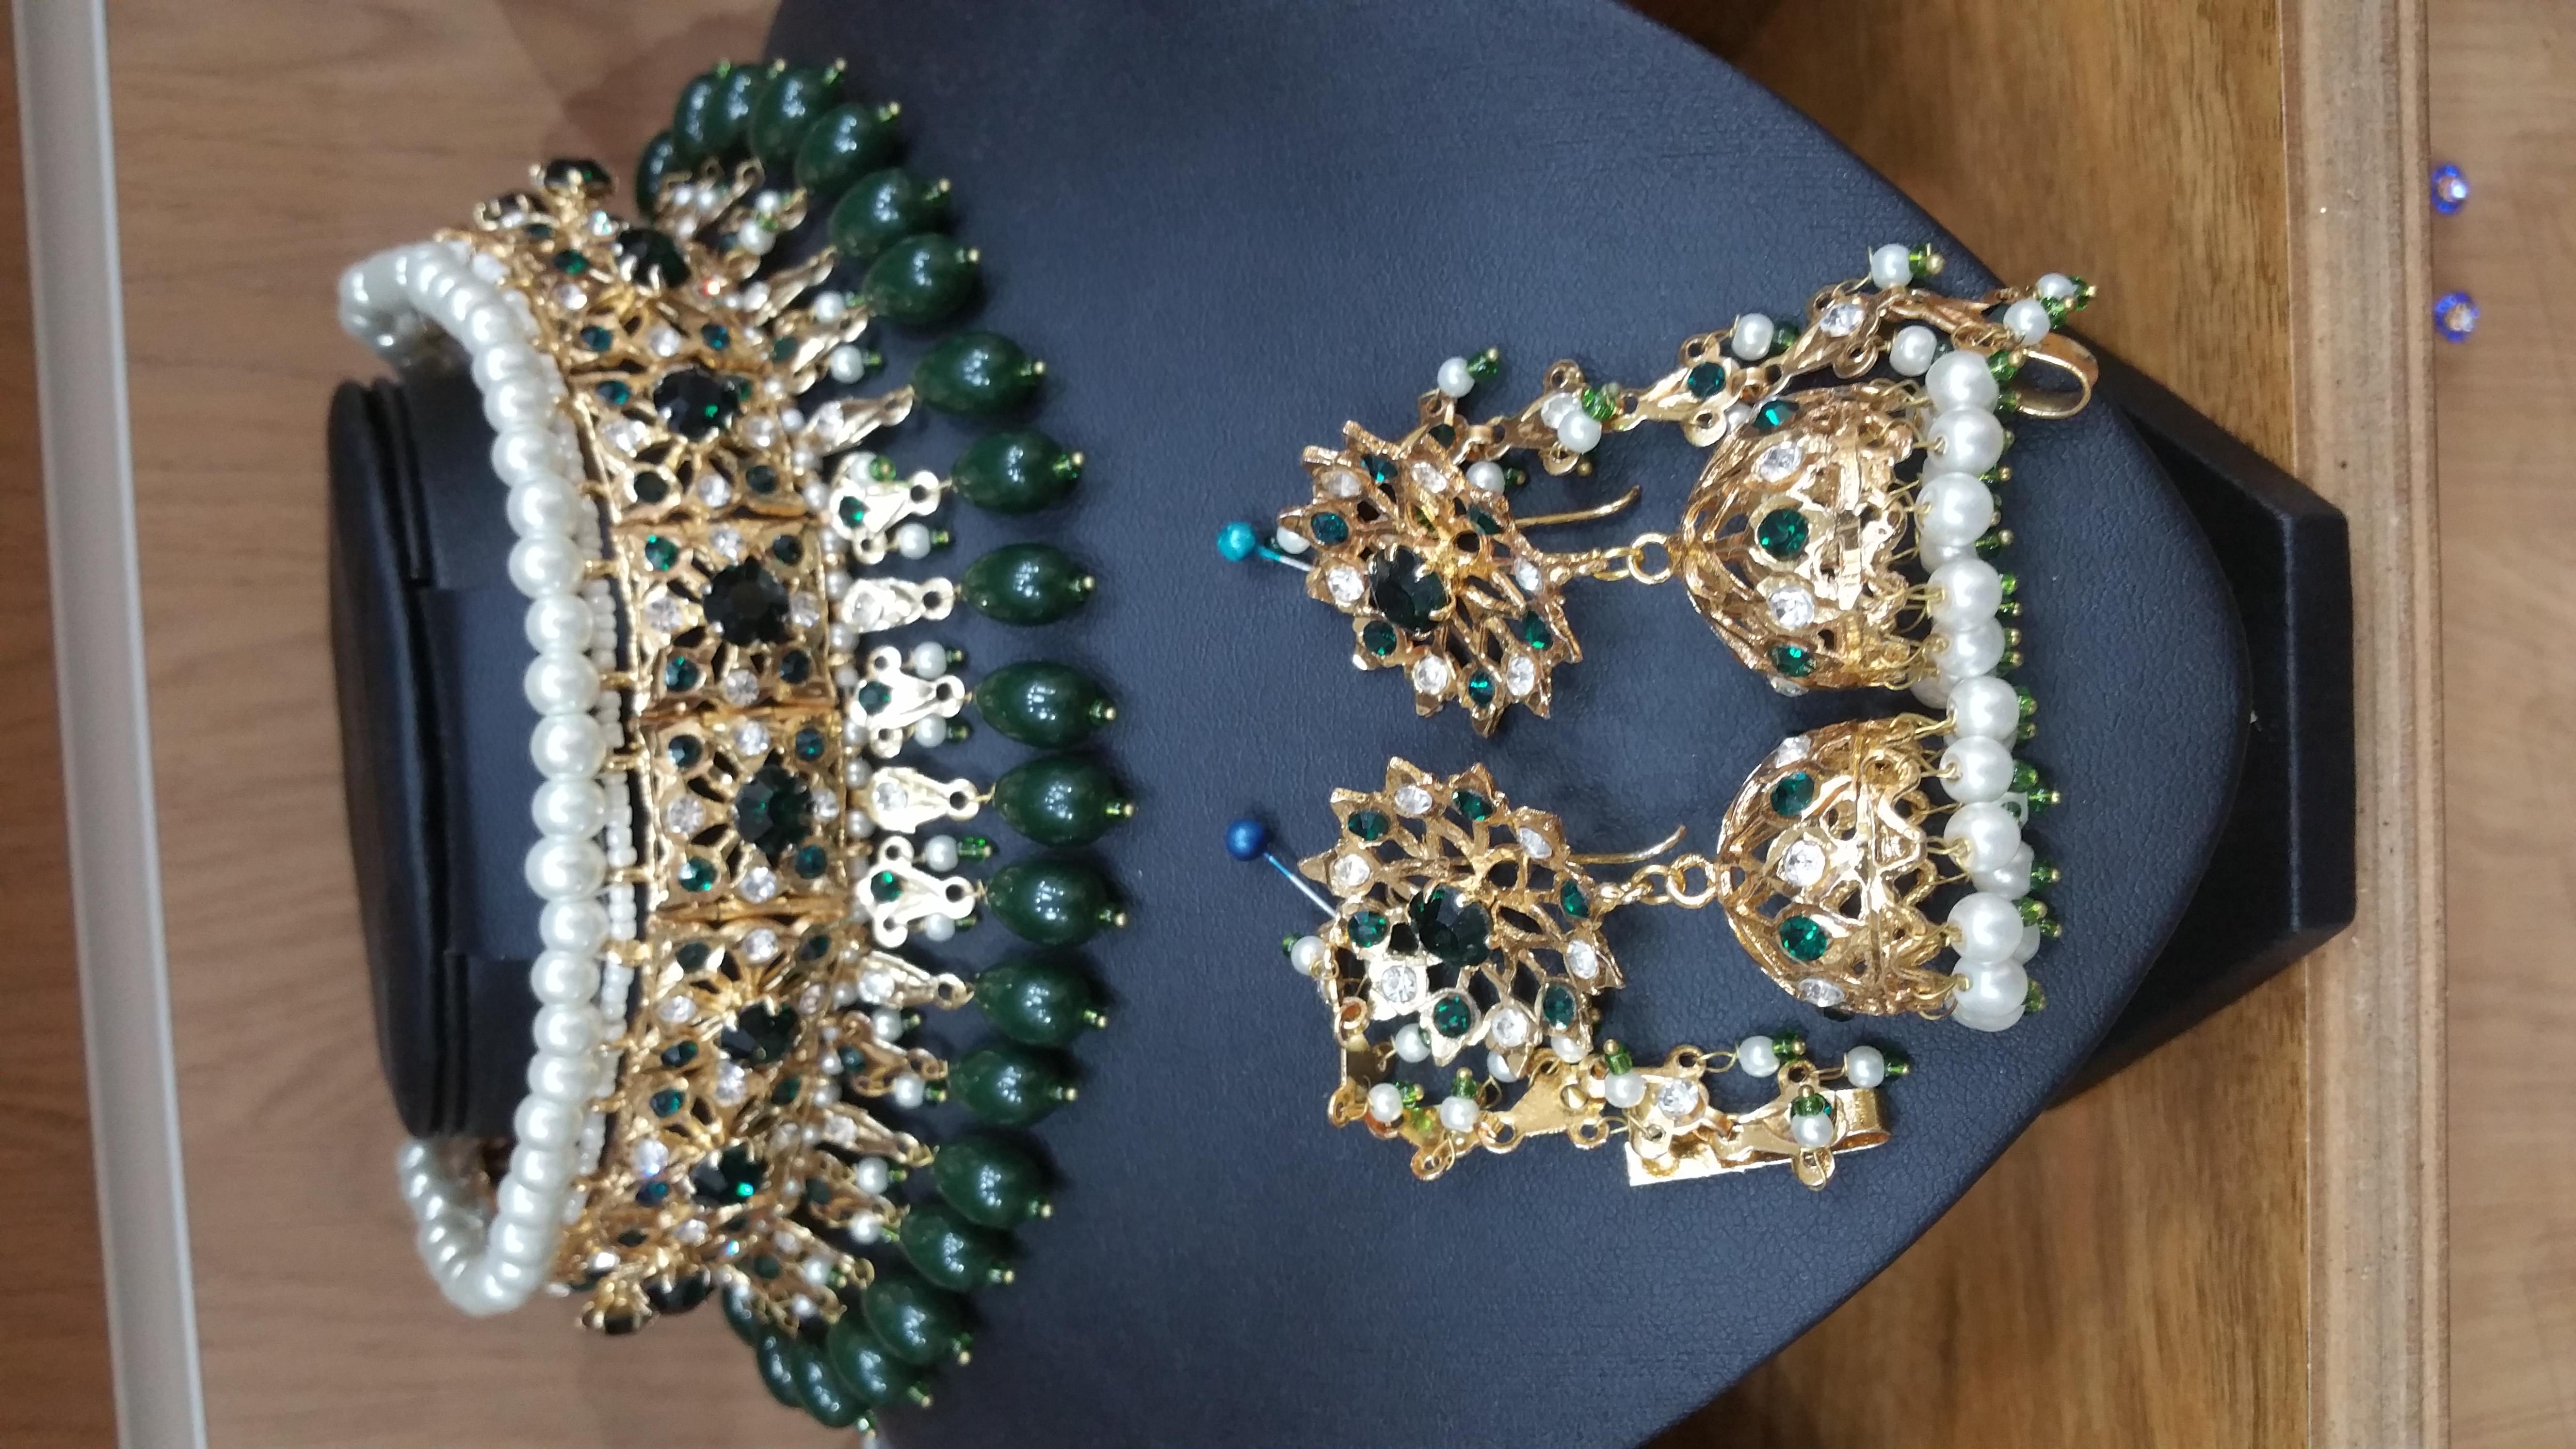 hydrabadi choker - green choker - wholesale Pakistani jewellery - bespoke Pakistani Jewellery